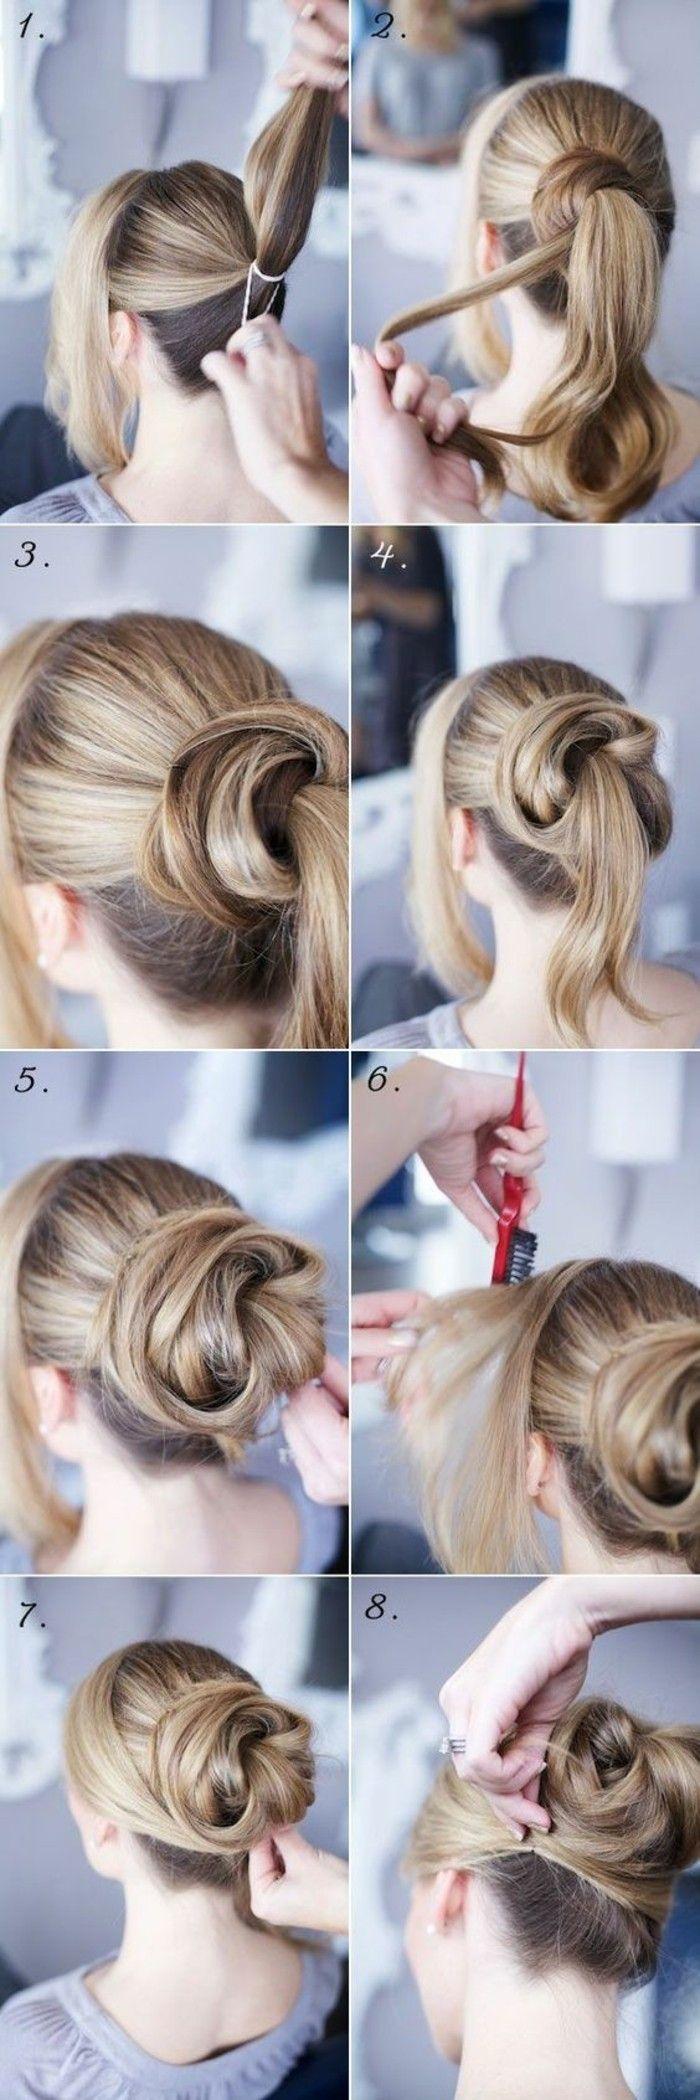 anleitung diy schritt für schritt dutt frisuren mit duttkissen braune haare mit blonden strähnen dutt haarfrisuren einfach ideen